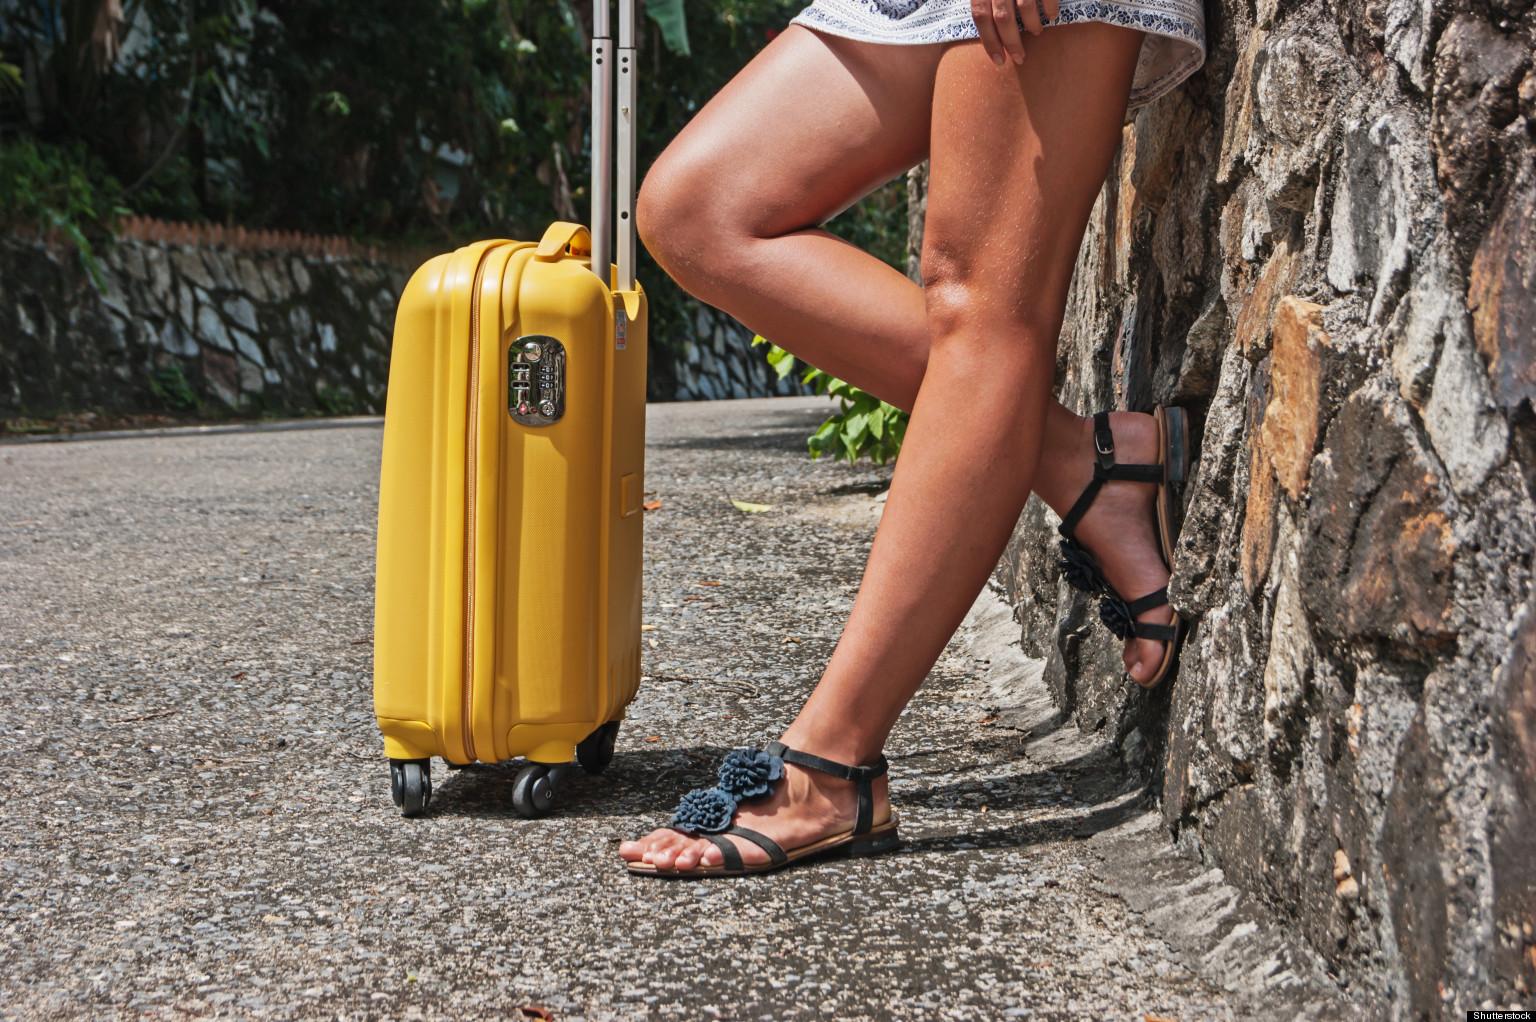 Πολλοί λόγοι υπάρχουν για τους οποίους κάθε γυναίκα πρέπει να ταξιδέψει μια φορά μόνη